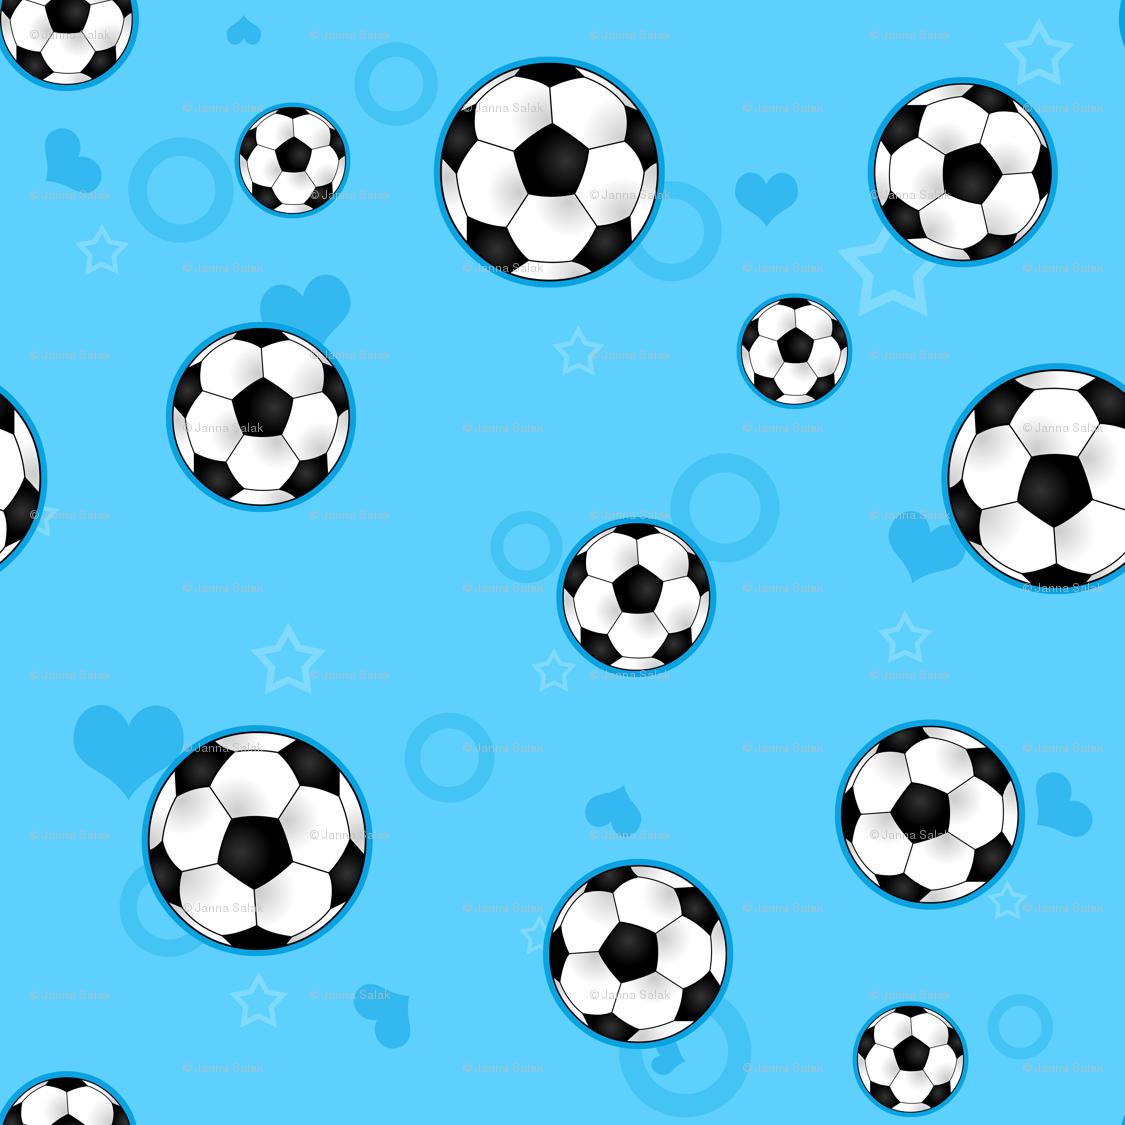 Soccer Ball Pattern Blue wallpaper - jannasalak - Spoonflower